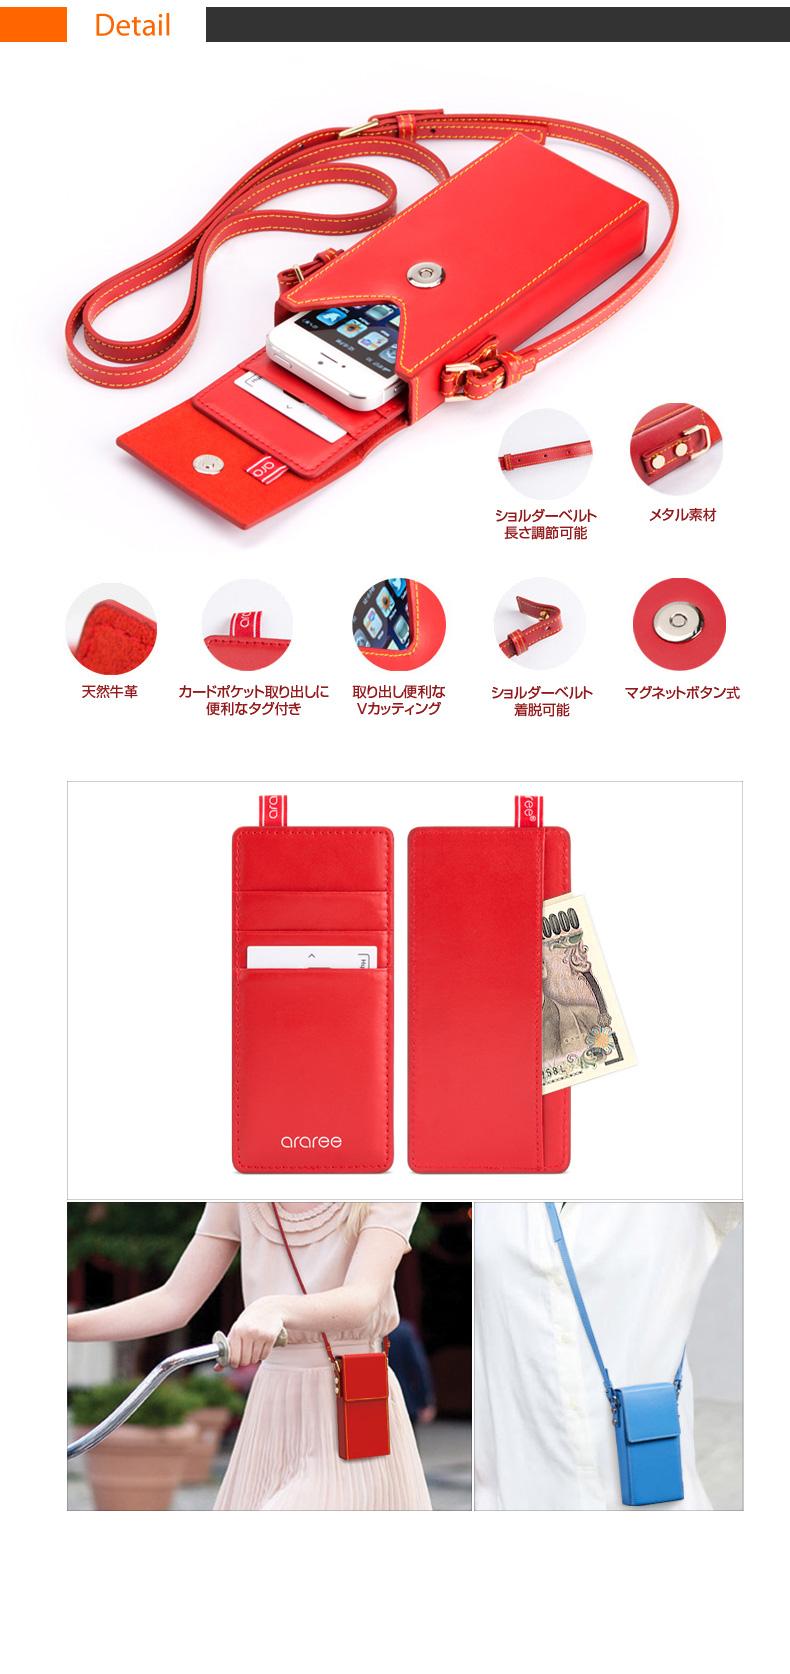 商品詳細1 iPhone5/5s ケースiT-BAG Compact(アイティーバッグ コンパクト)※対応機種:iPhone5/5s, Galaxy S3/S4, nexus, Opimus G2